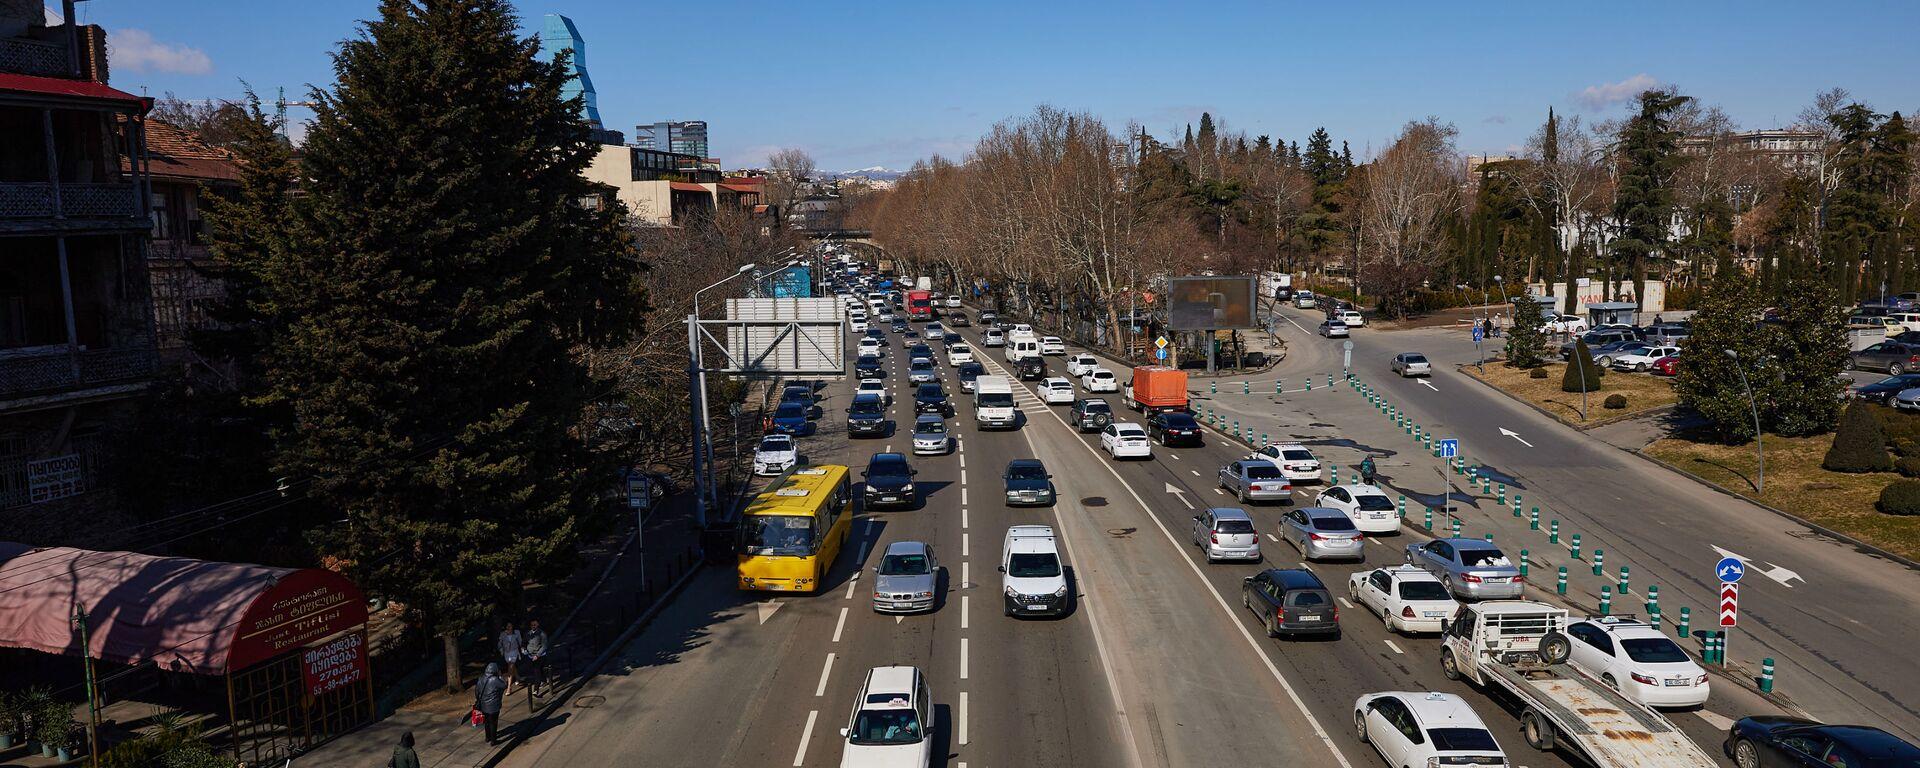 Вид на город Тбилиси - машины на набережной у Сухого моста - Sputnik Грузия, 1920, 06.09.2021